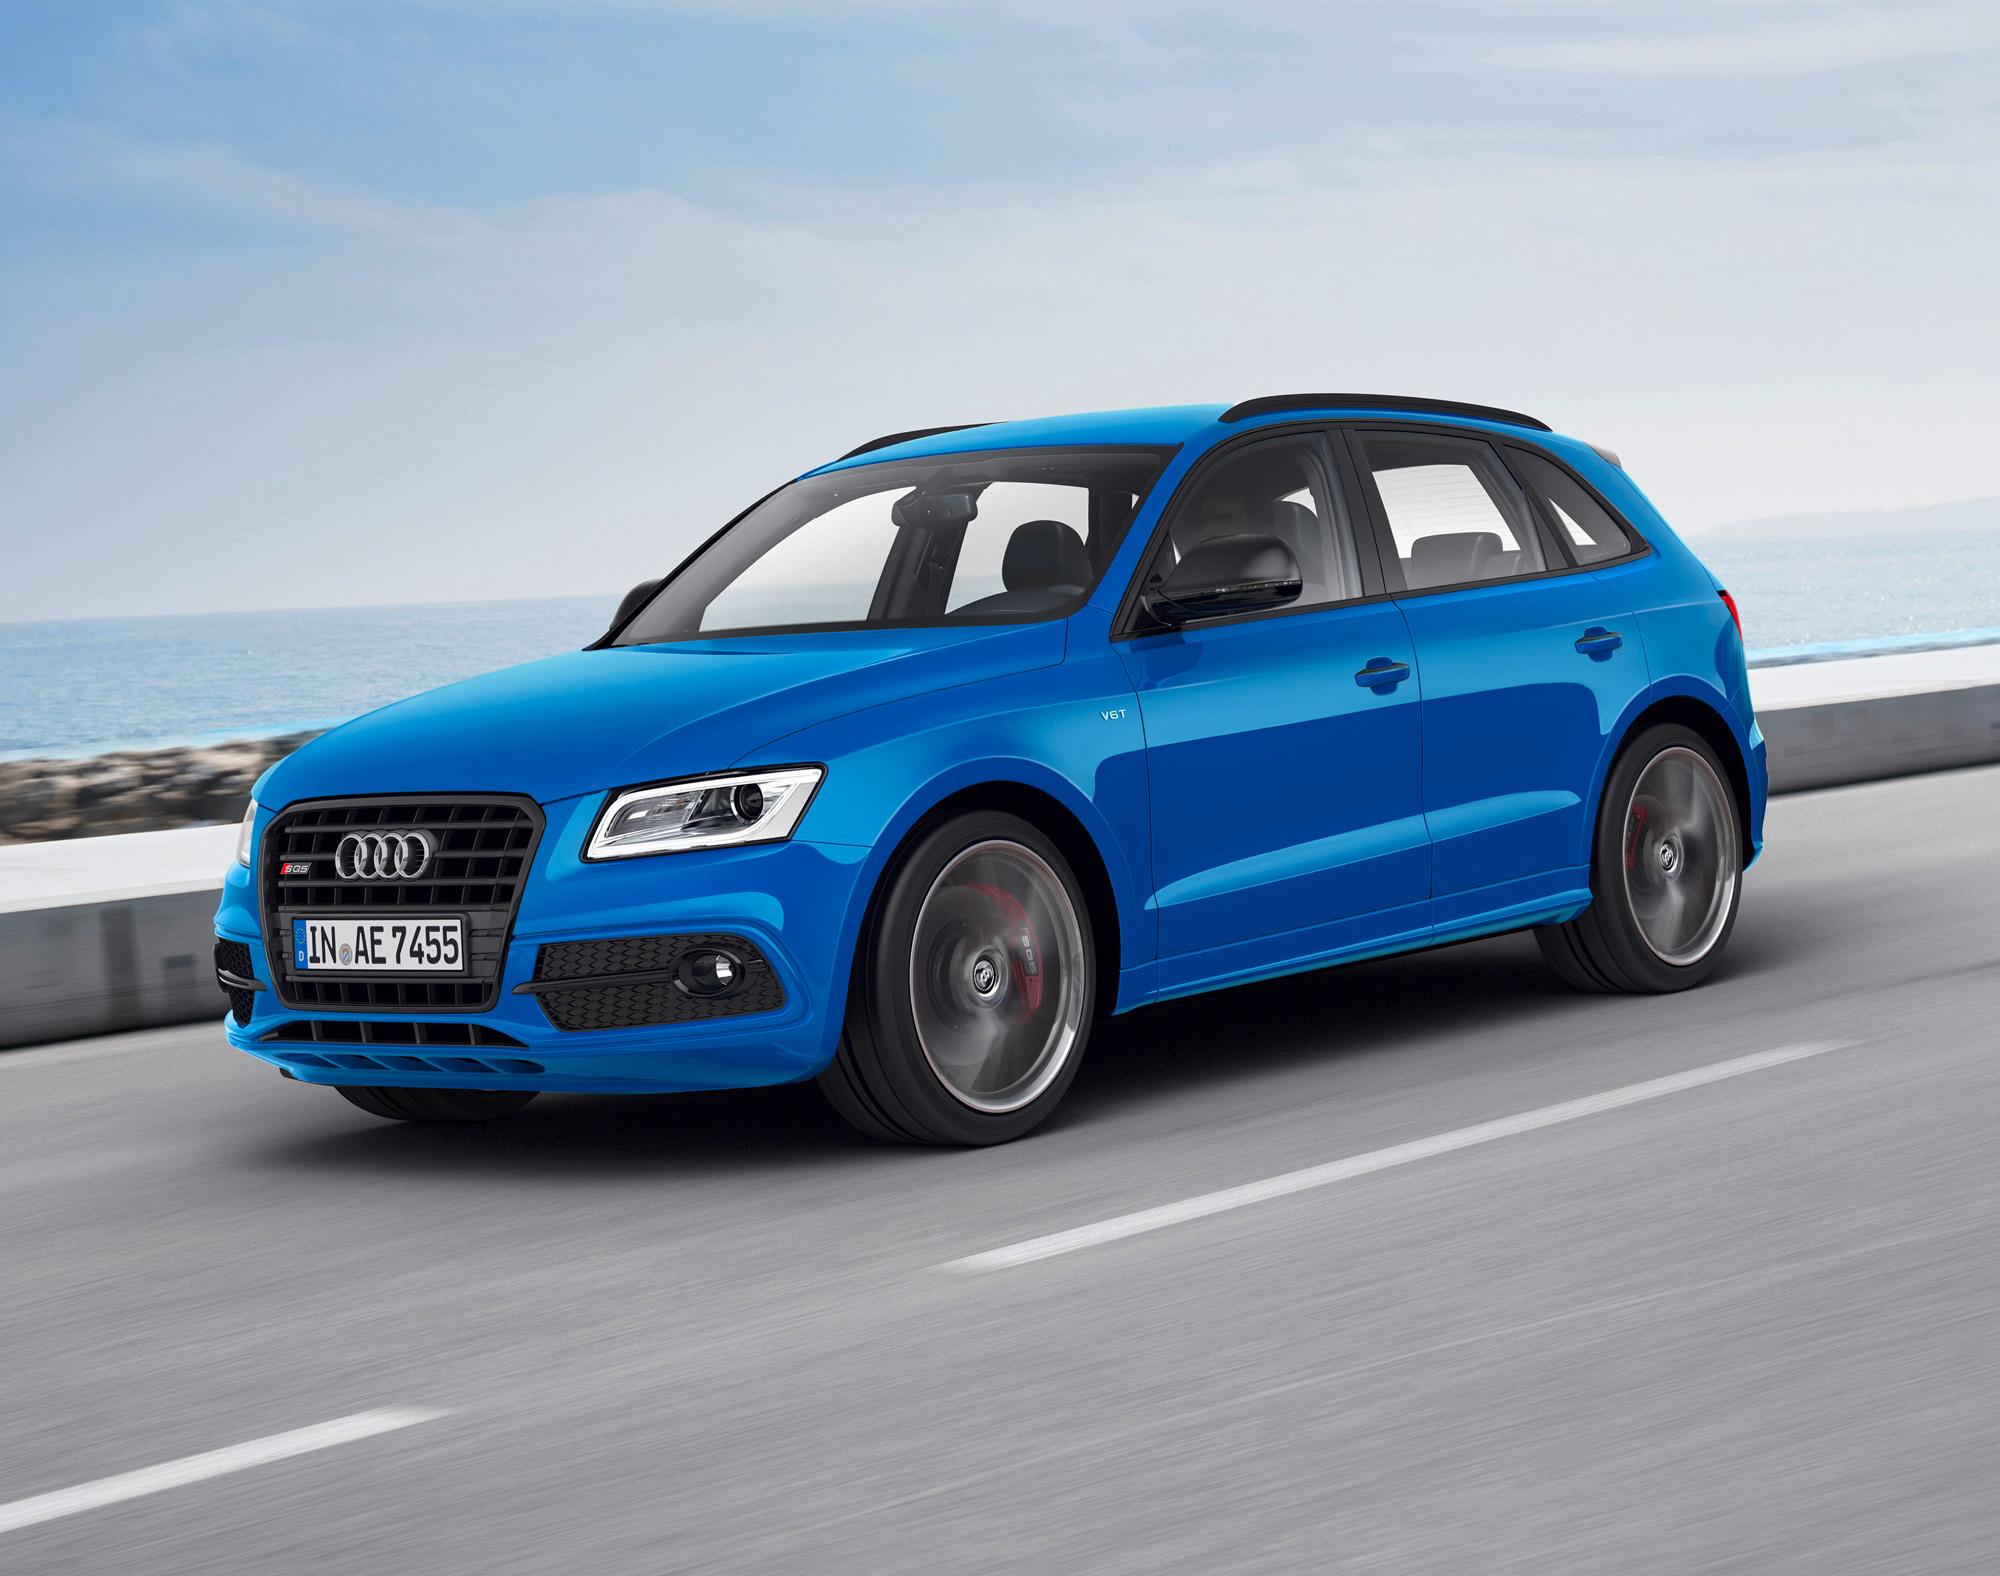 Sprintstark ist der Audi SQ5 TDI plus natürlich auch: Bis Tempo 250 ist beinahe alles problemlos möglich.